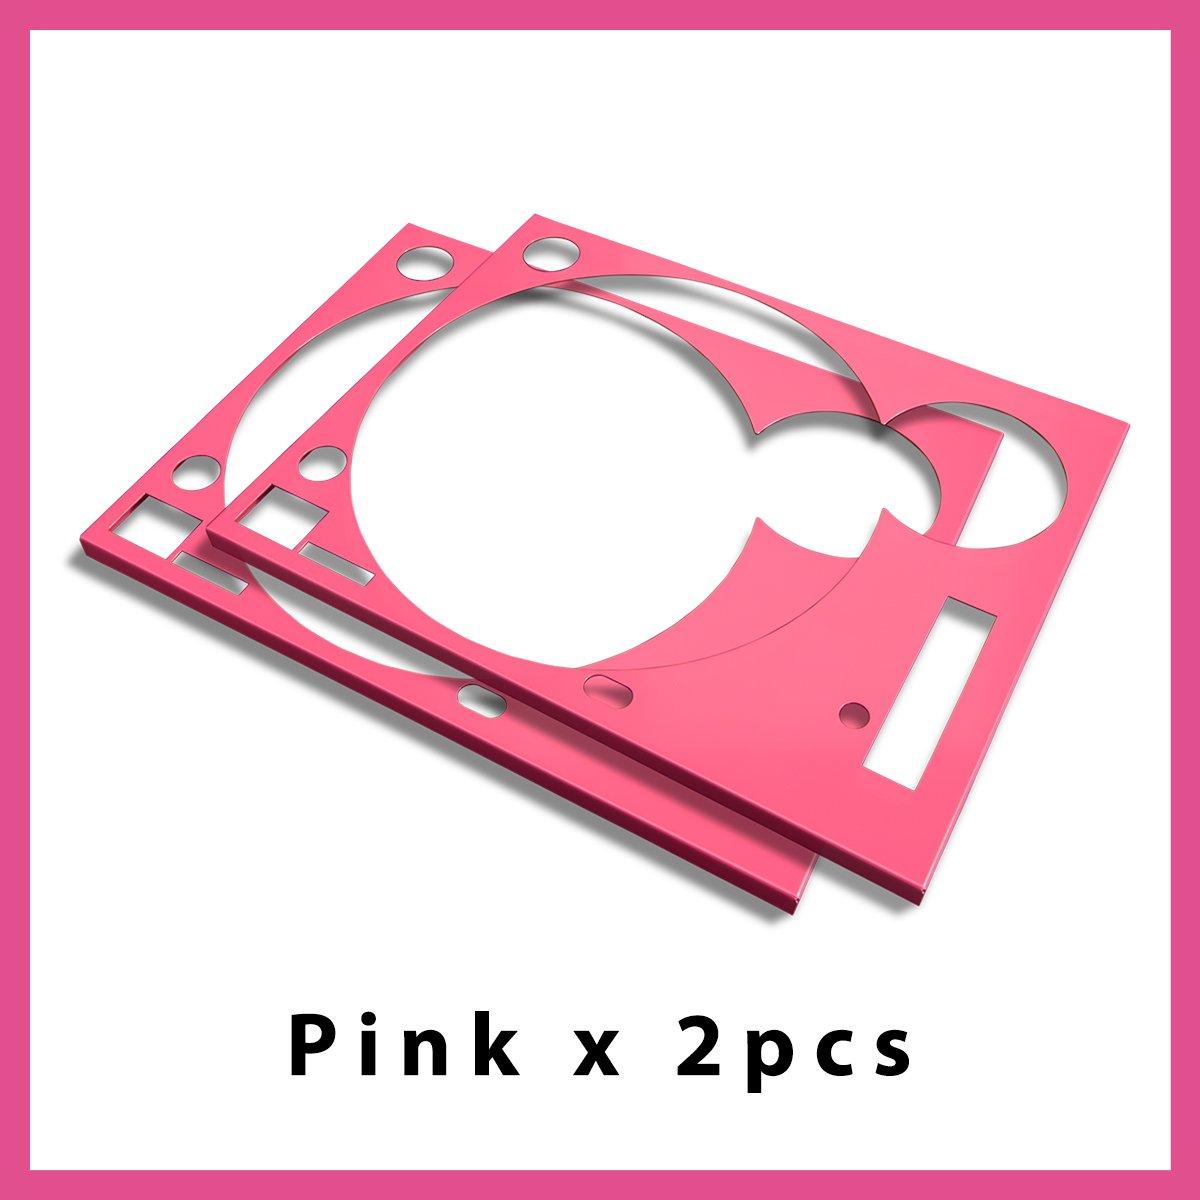 * ターンテーブル カバー (Faceplate)*  《限定》ピンク 2枚組 (for Technics SL-1200 MK3D・MK5・MK6)